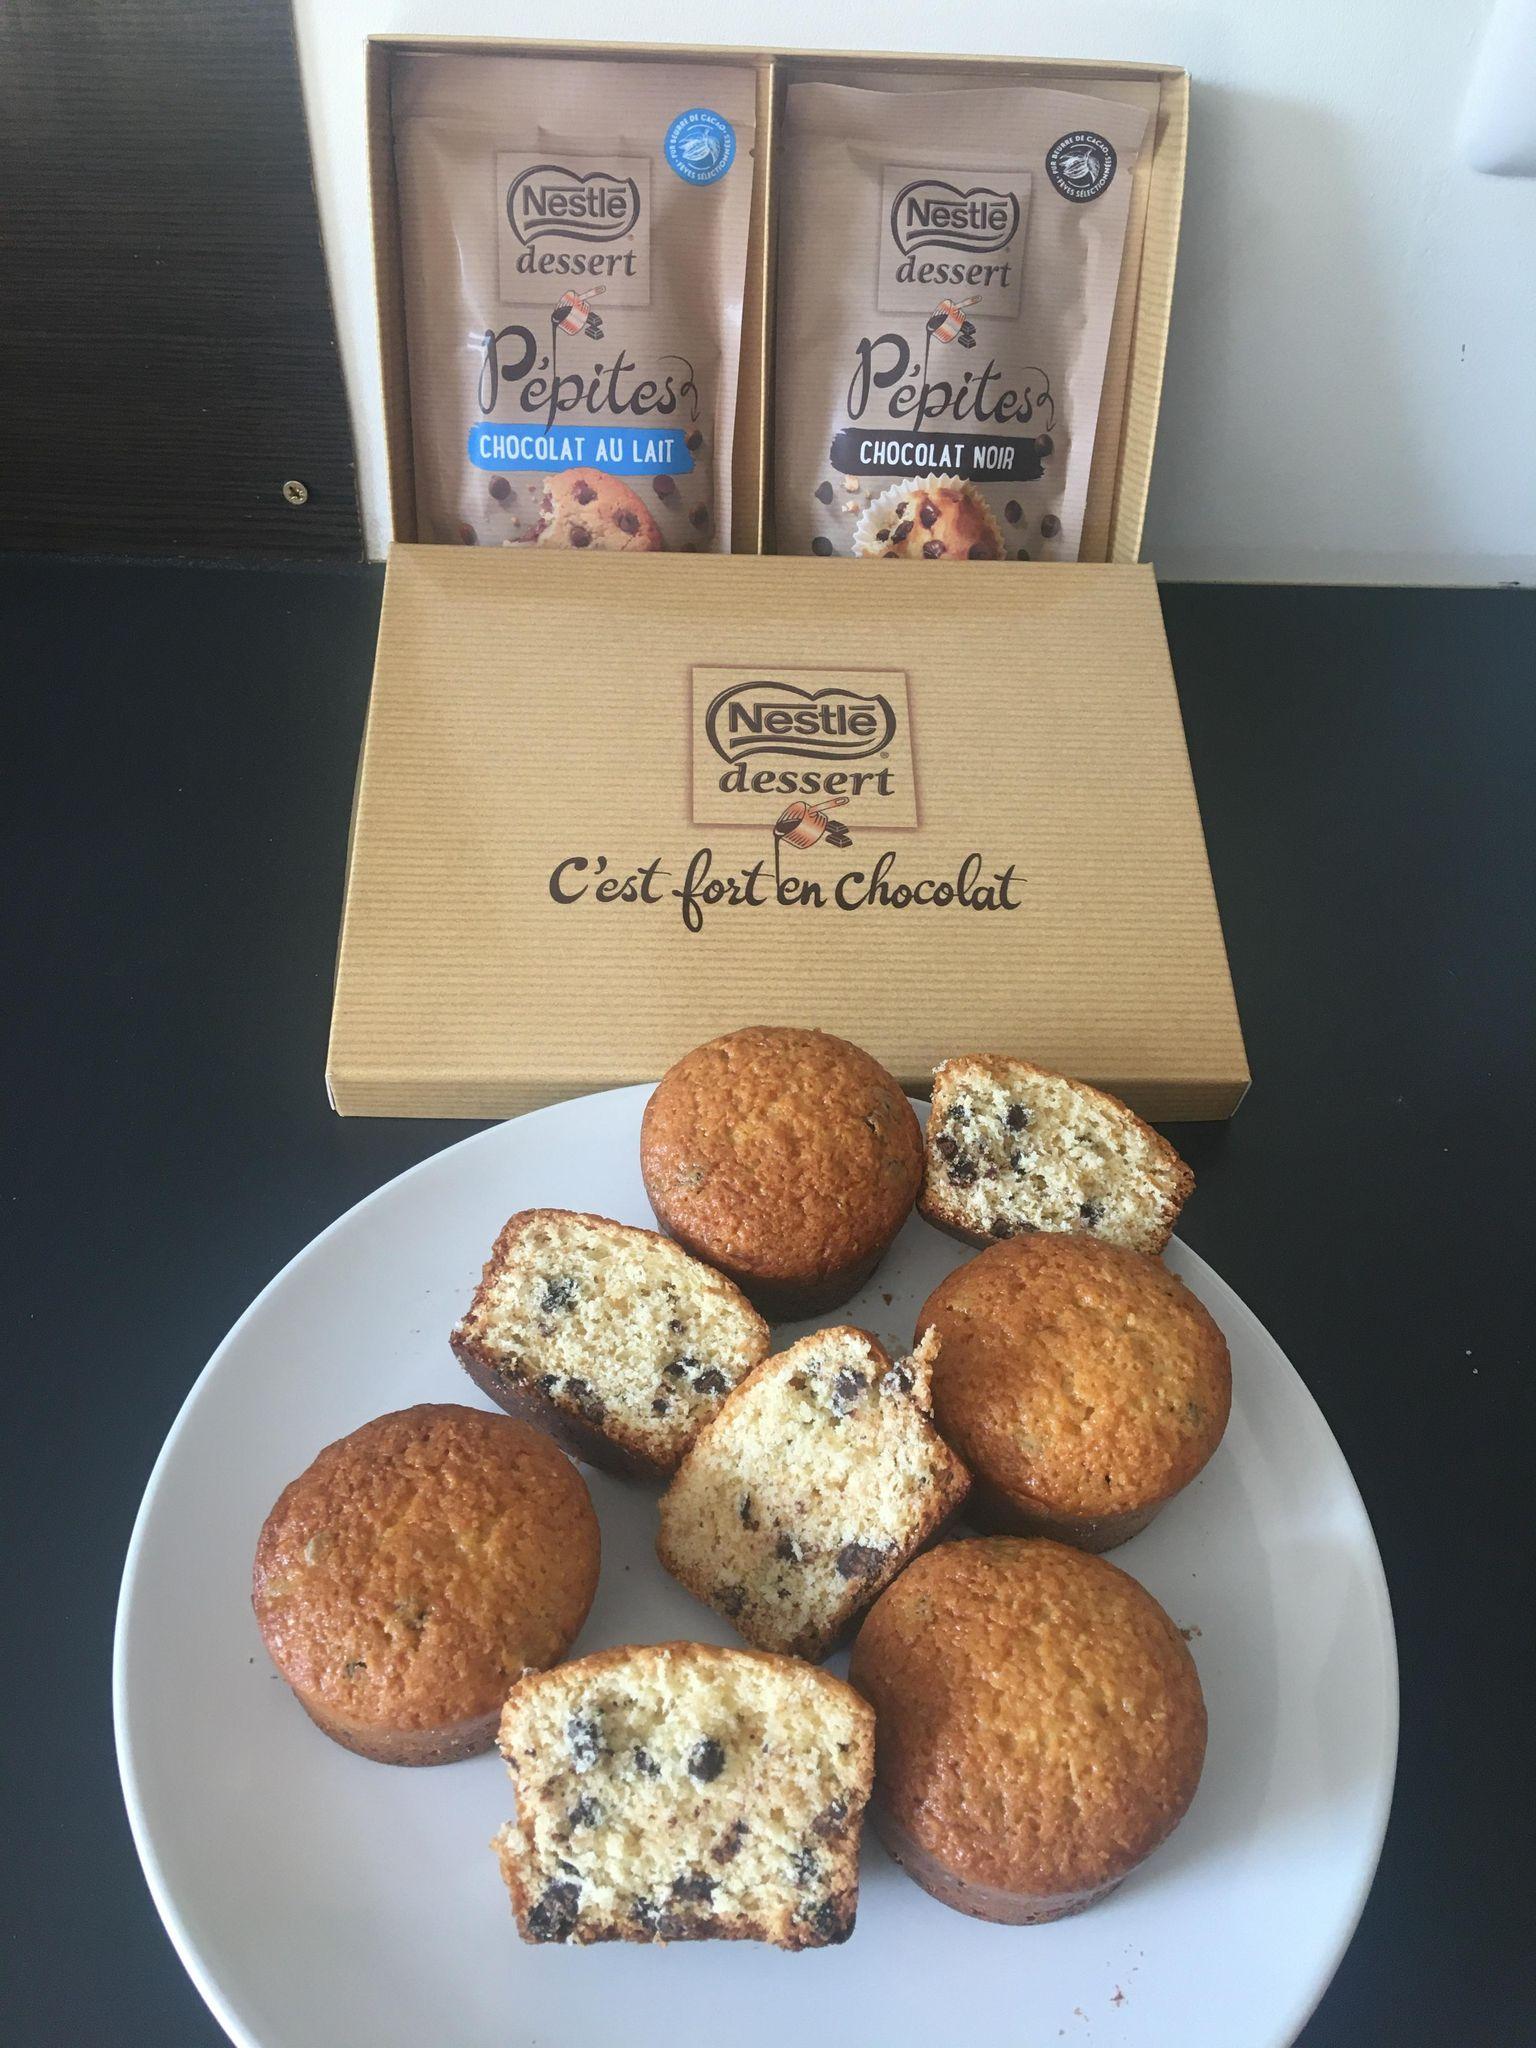 Box Nestlé Dessert - Découvre les Pépites au chocolat